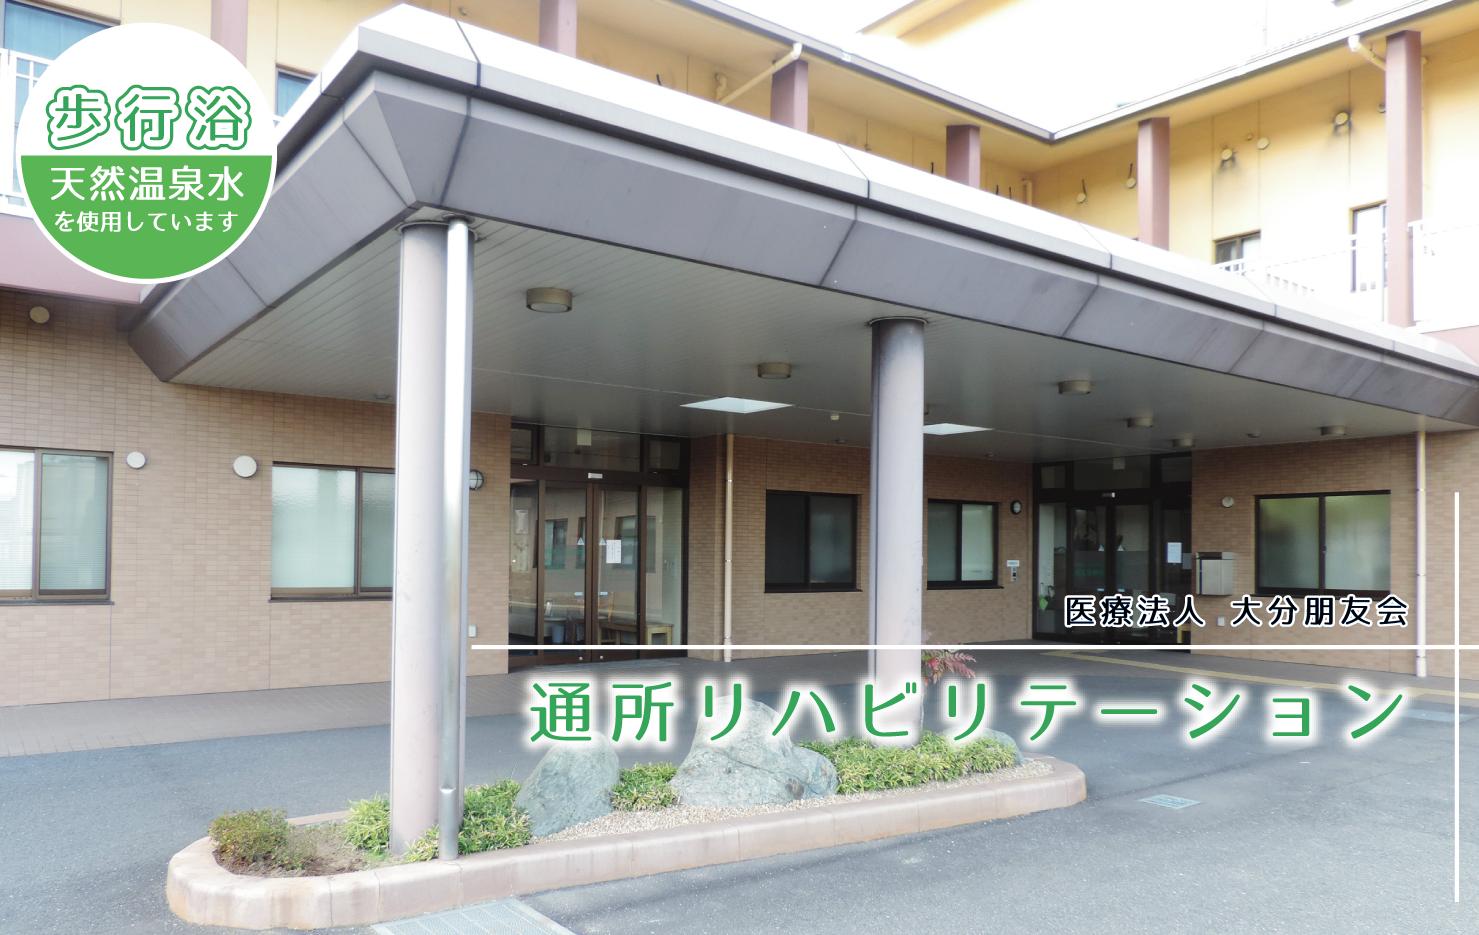 通所リハビリテーション(デイケア)